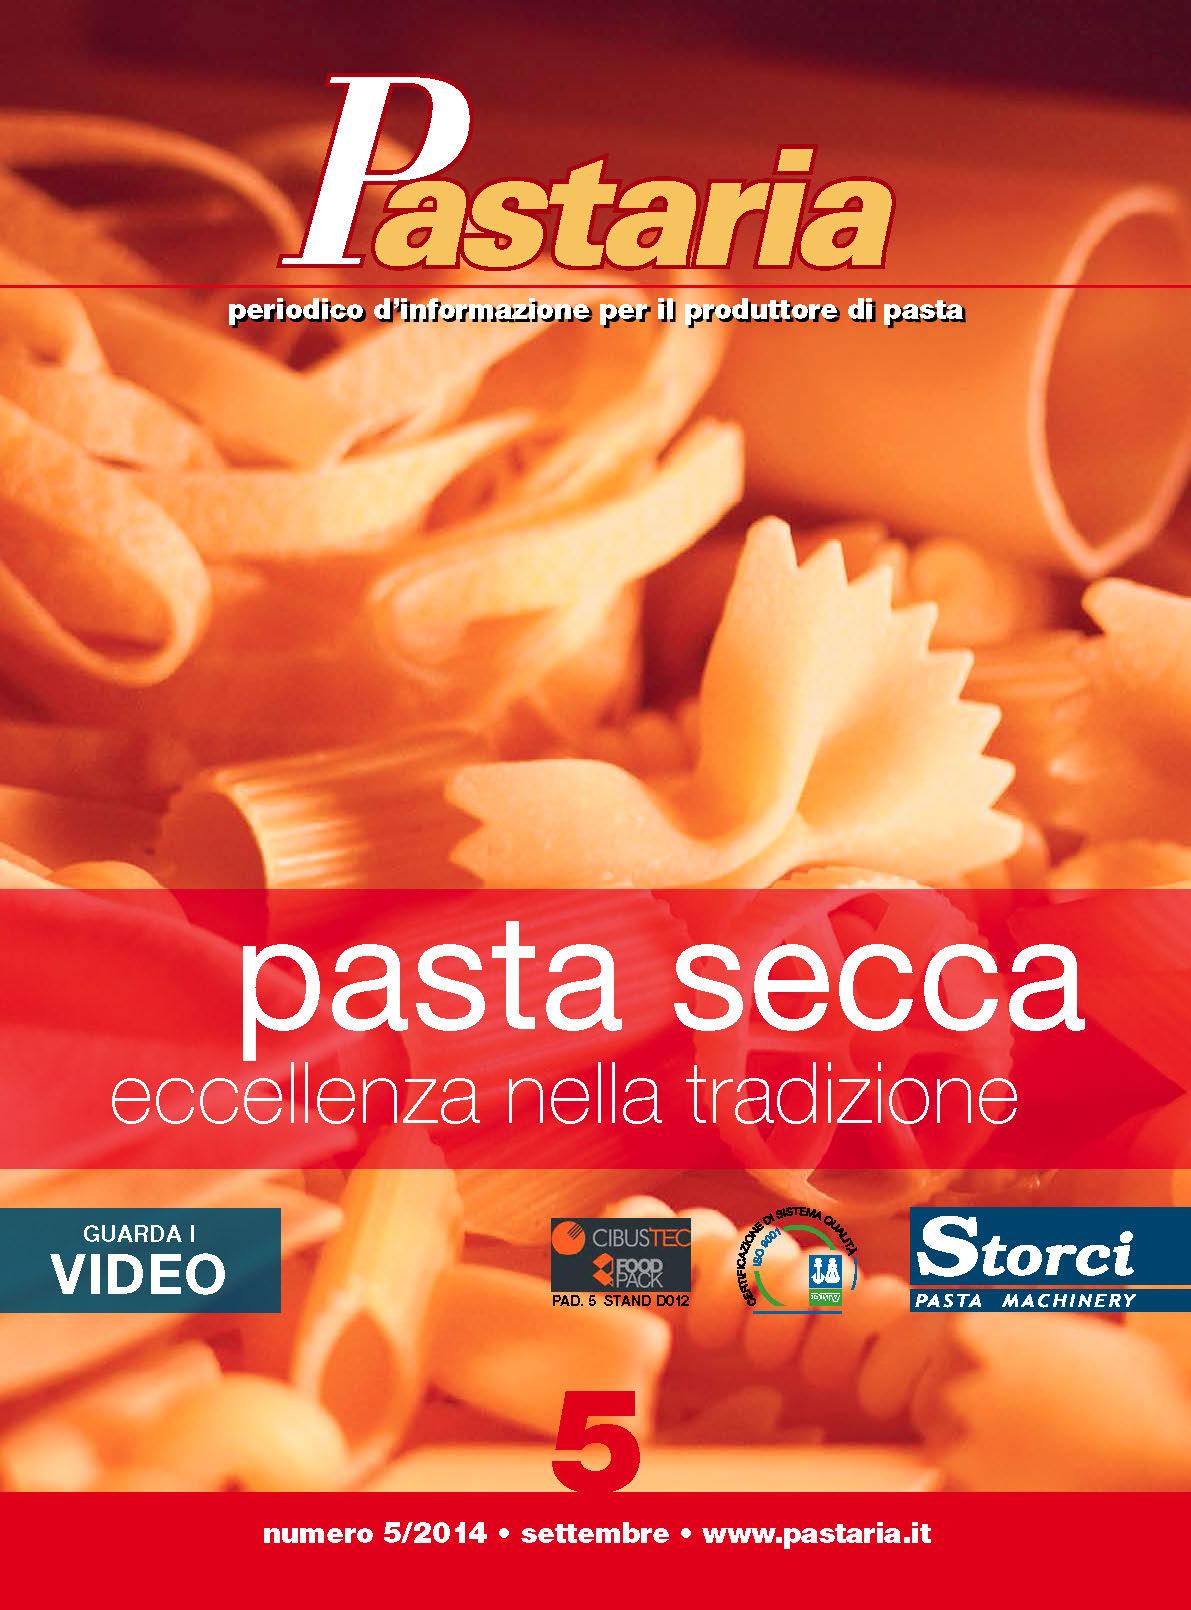 La copertina di Pastaria 5/2014